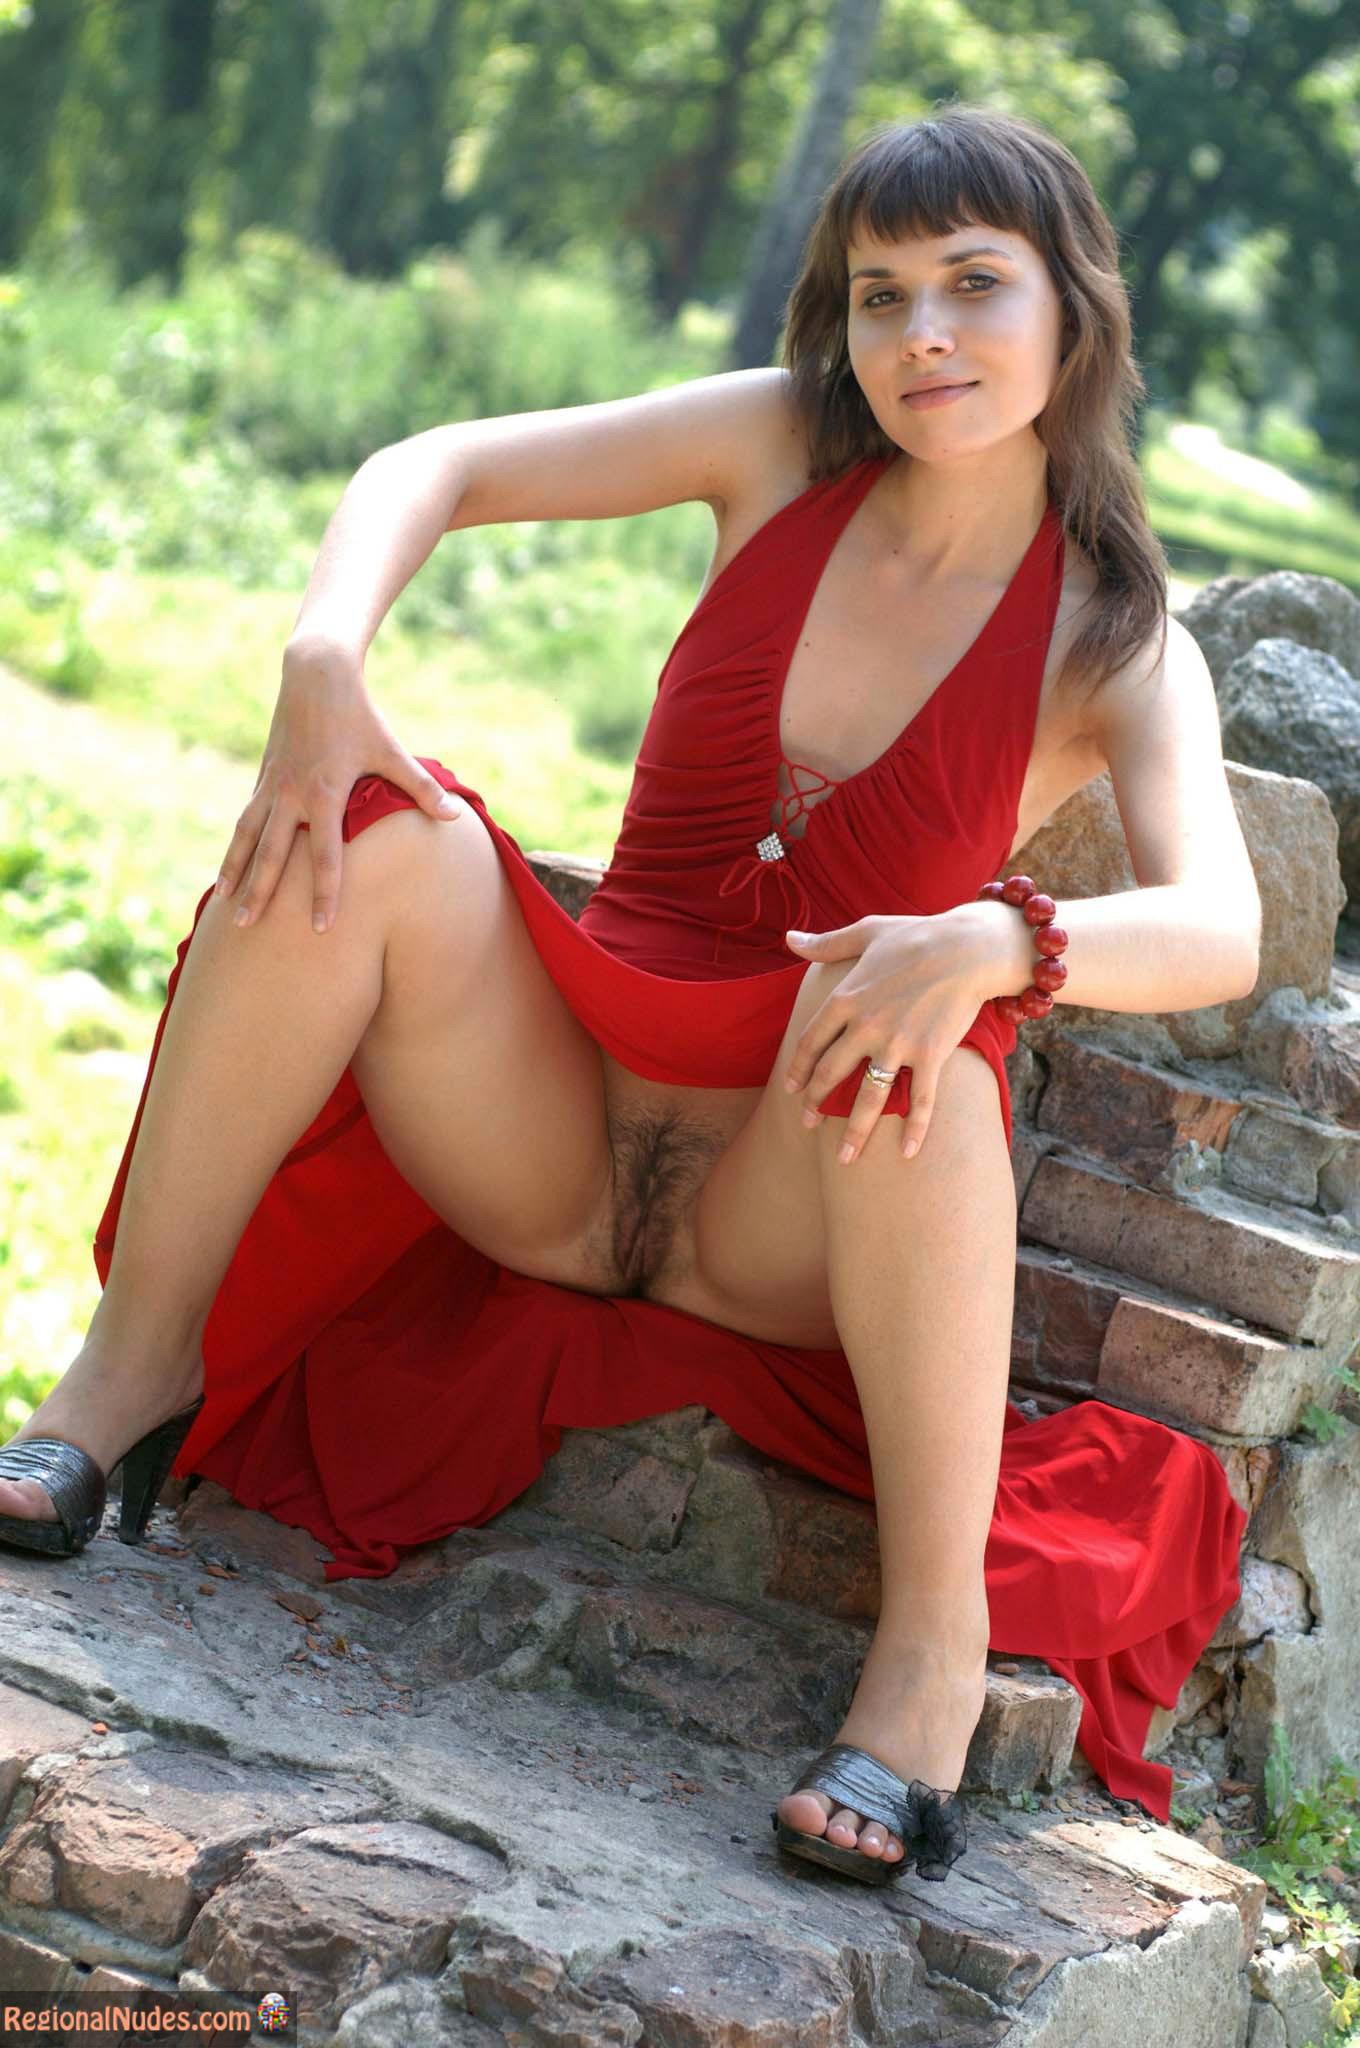 Nude Ukrainian Girl